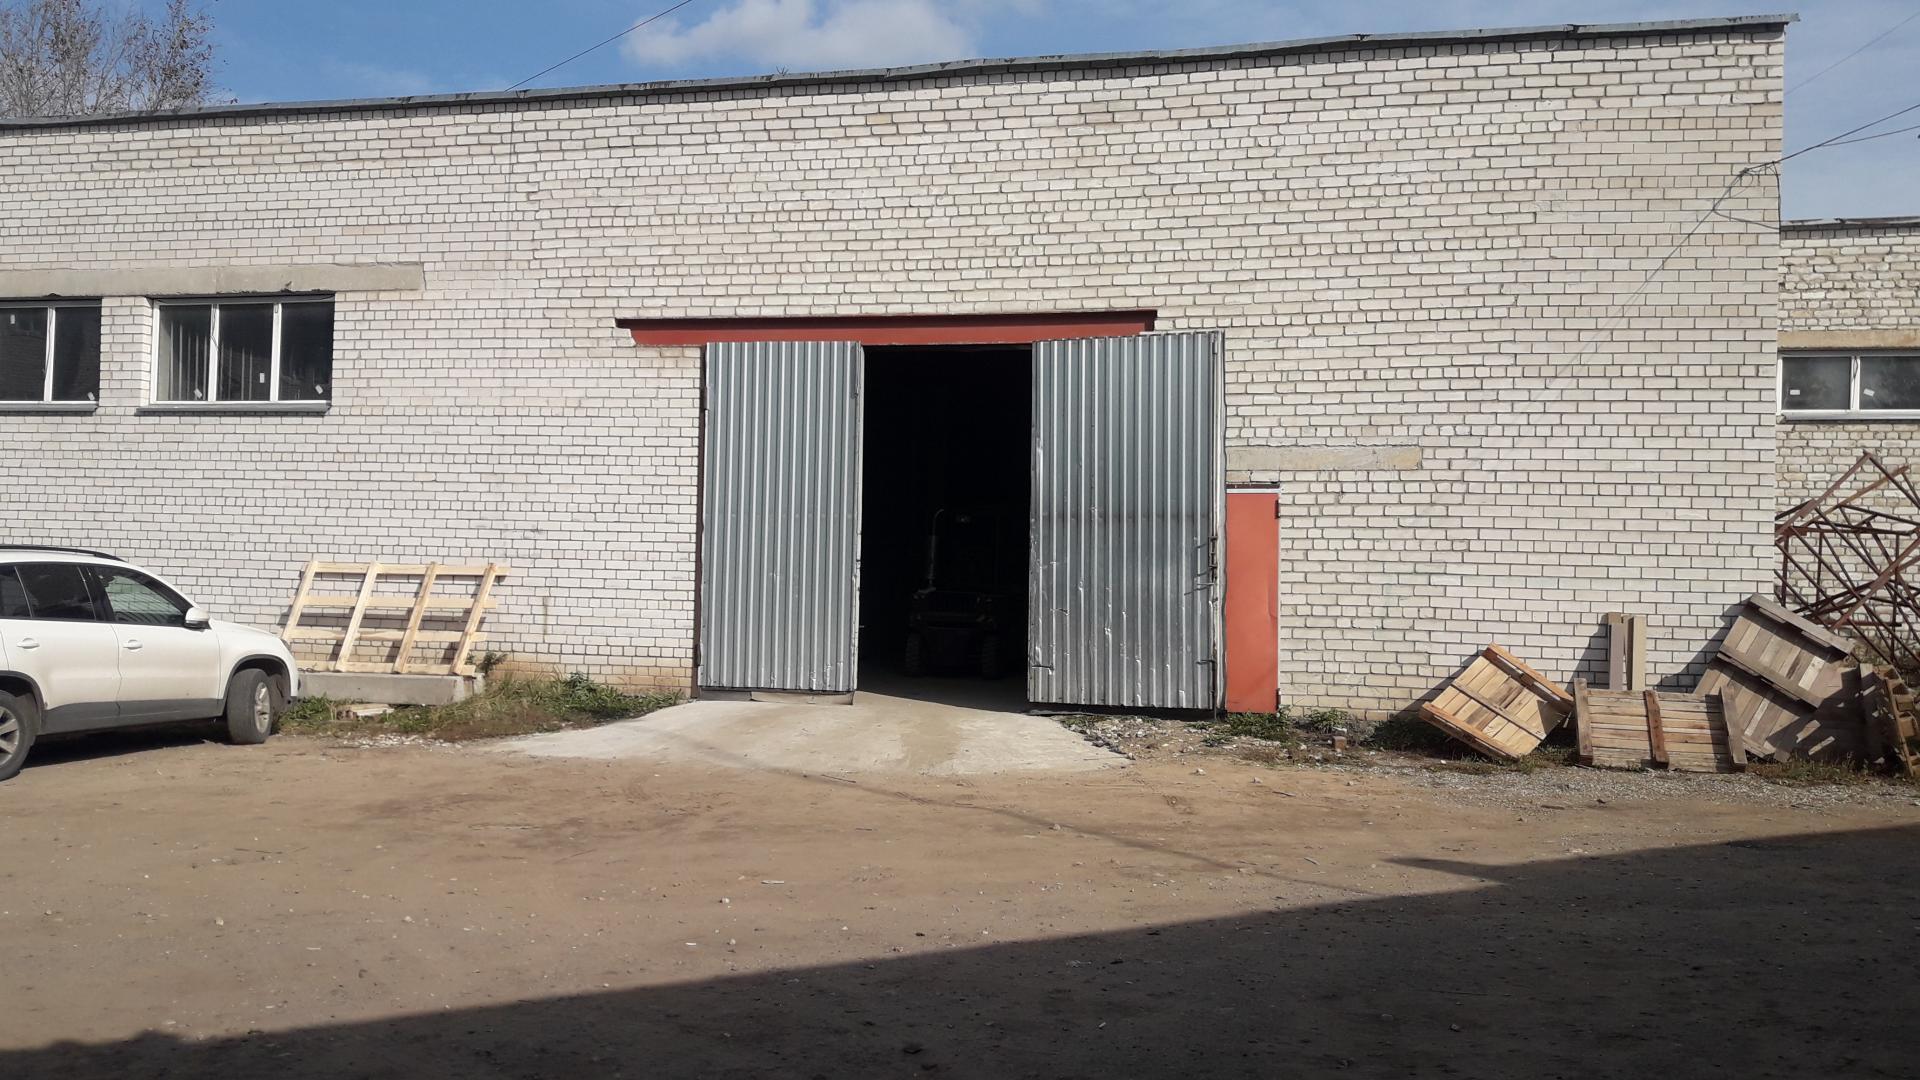 Manufacturing в аренду по адресу Россия, Тверская область, городской округ Тверь, Тверь, Старицкое шоссе, 25